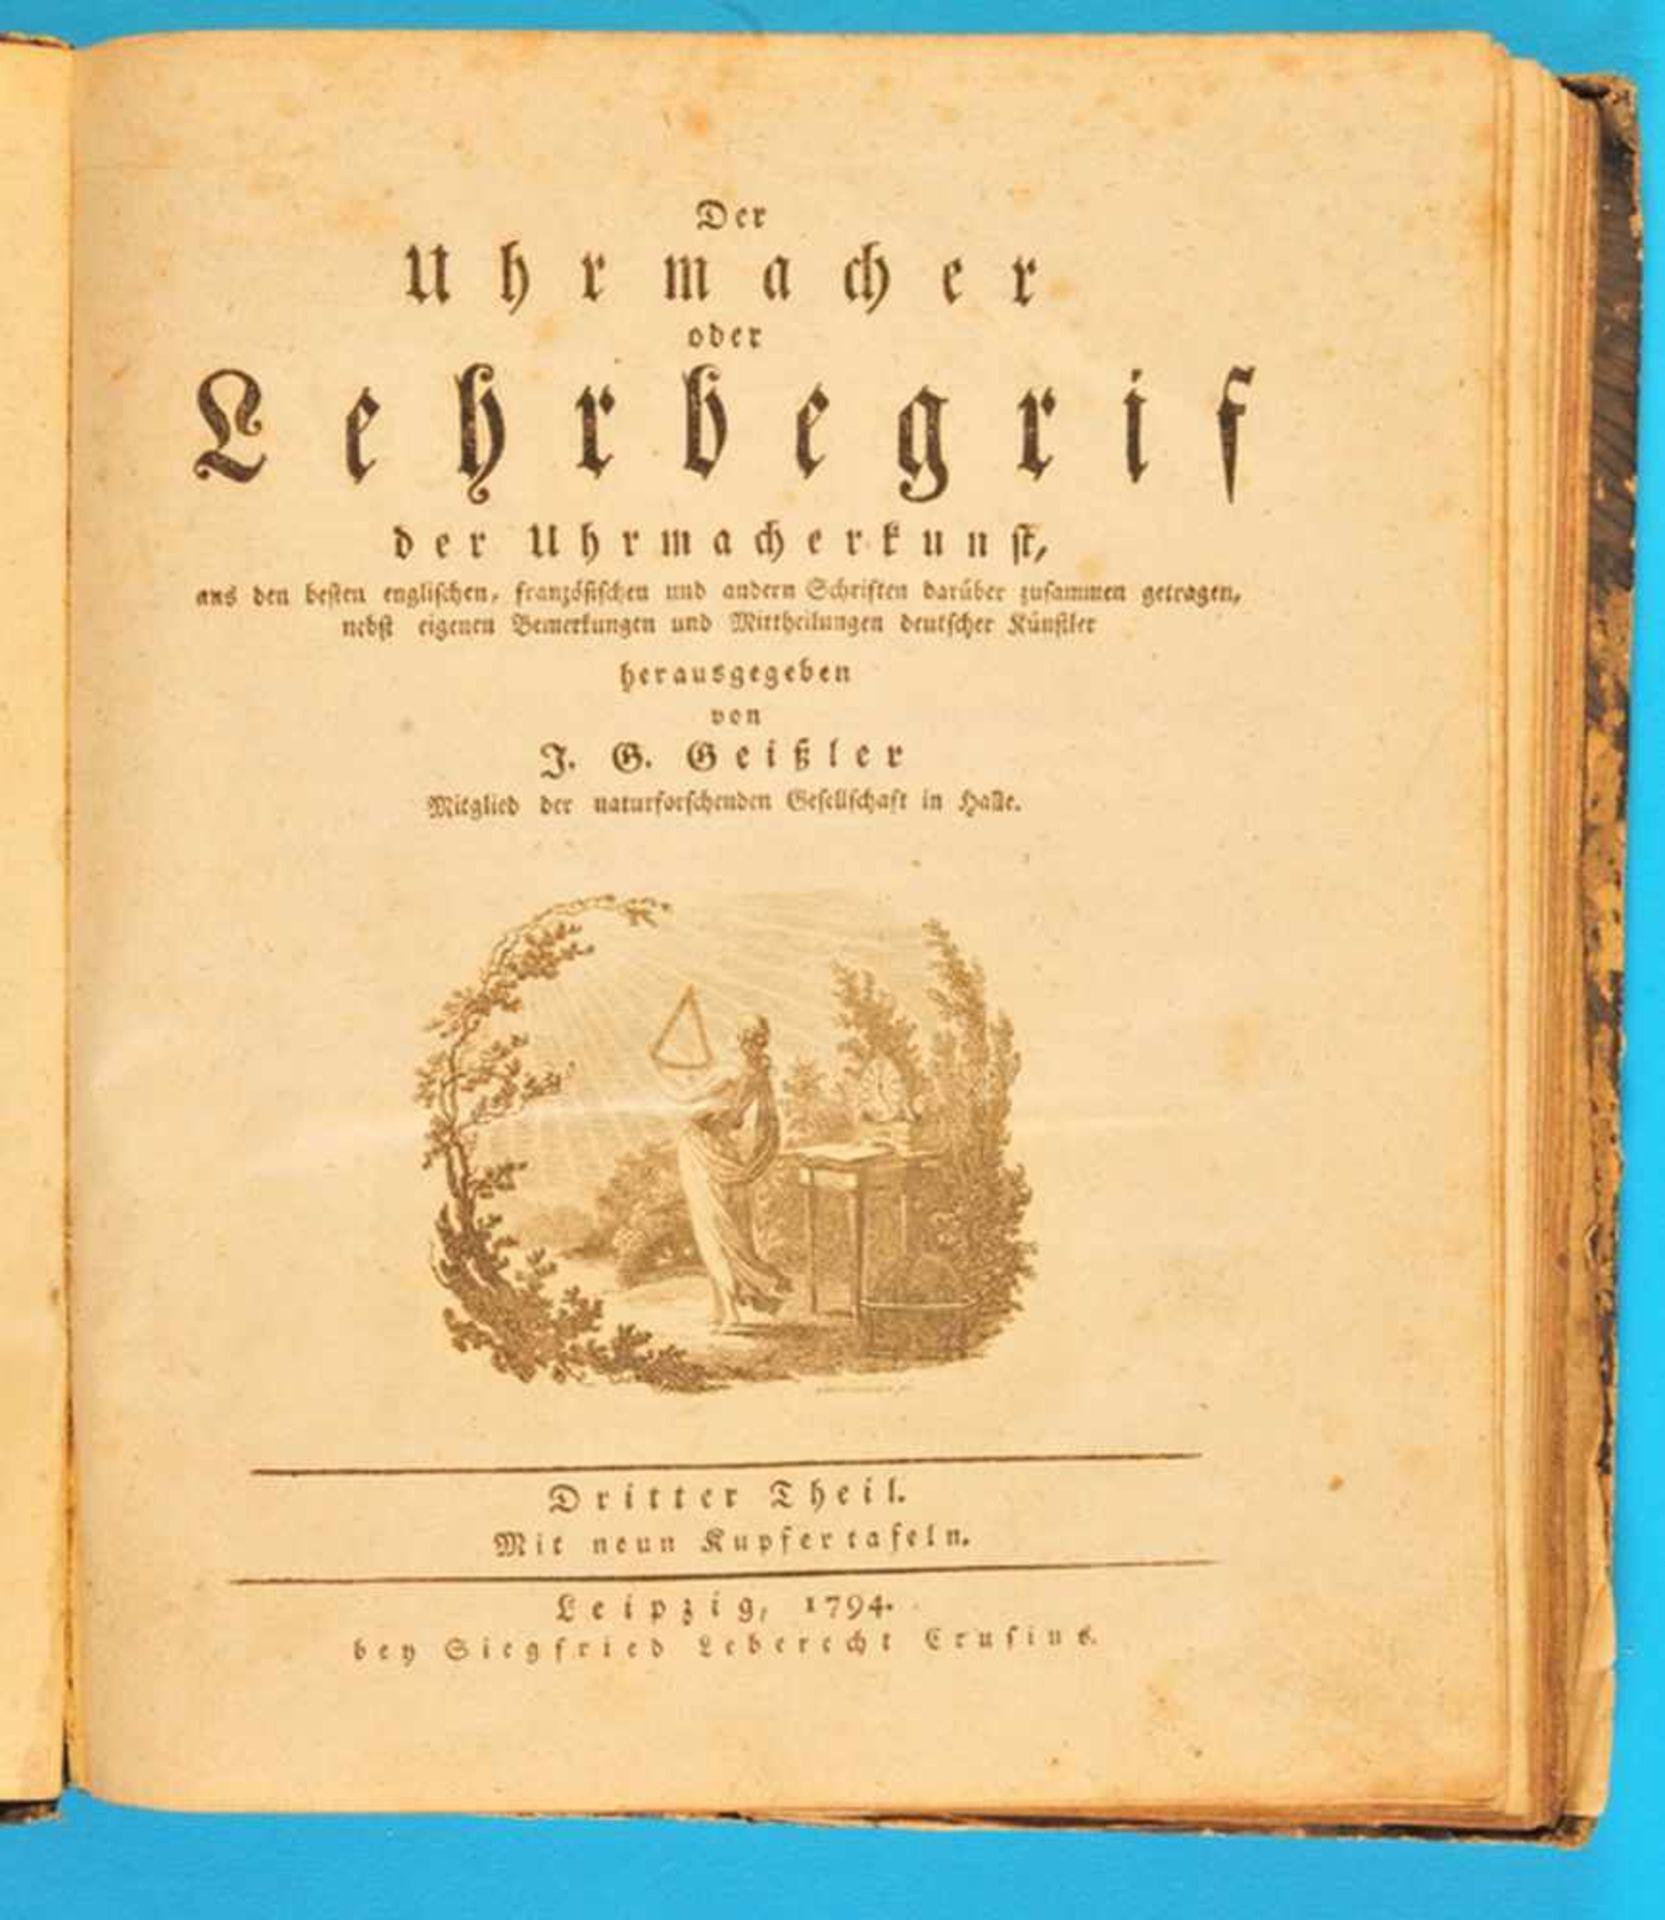 Los 3 - J.G.Geißler, Der Uhrmacher – oder Lehrbegriff der Uhrmacherkunst, Dritter TheilJ.G.Geißler, Der